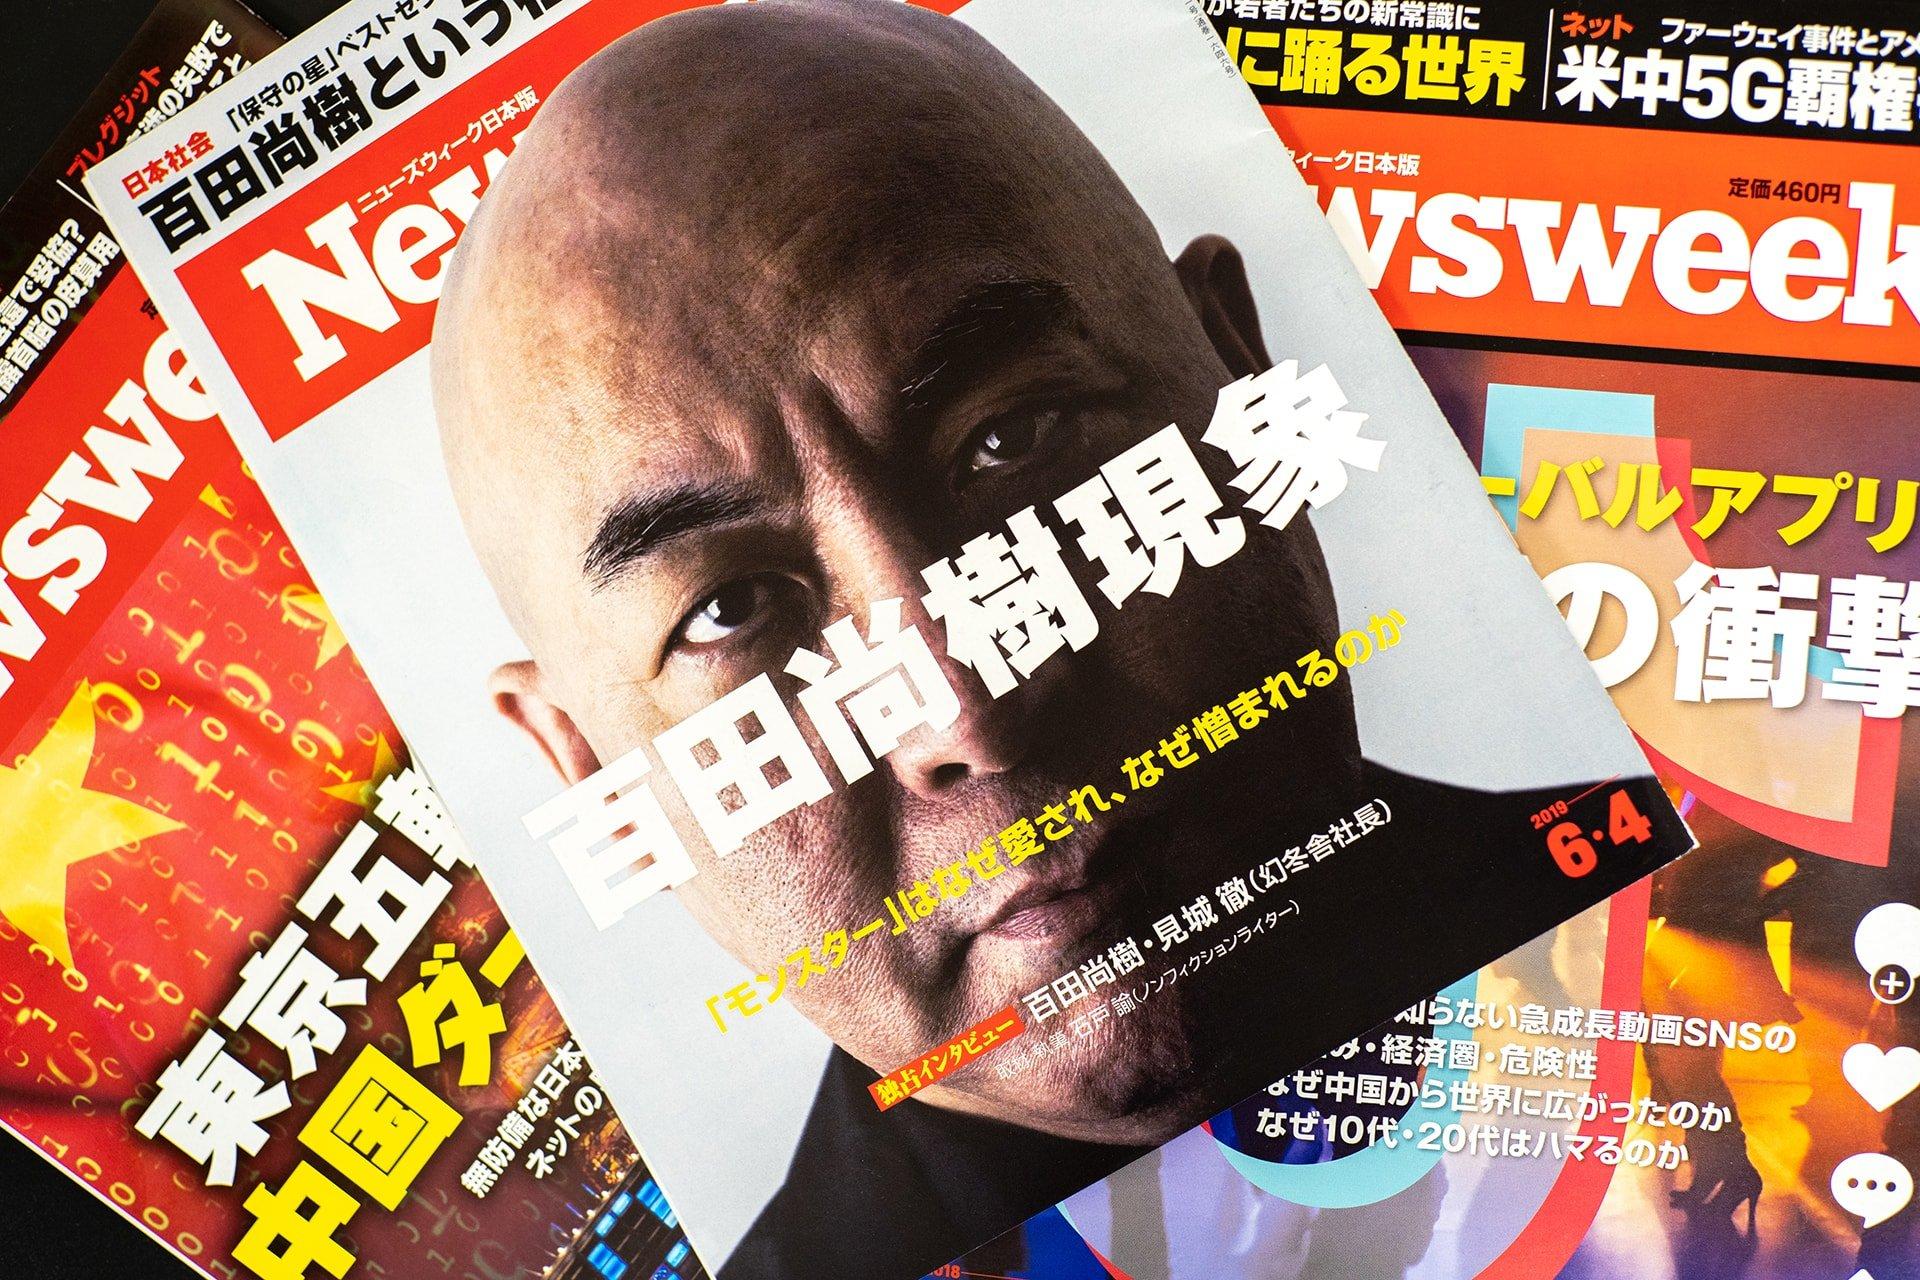 王道ジャーナリズムの底力 『ニューズウィーク』百田尚樹現象